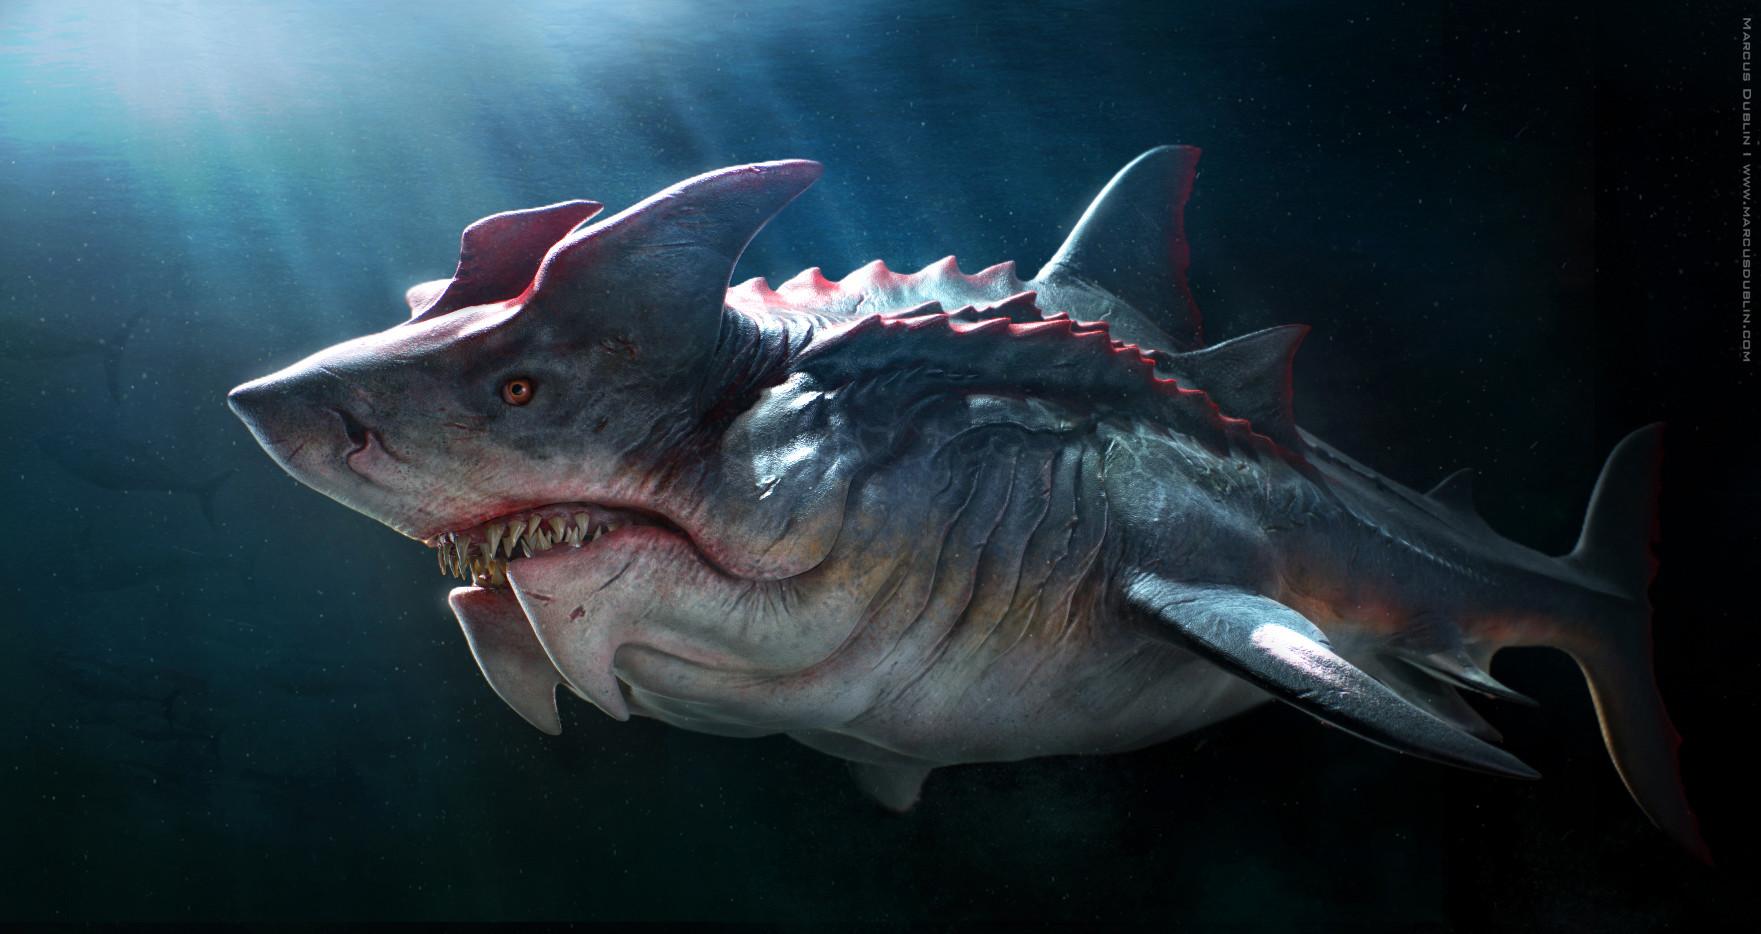 Description des lieux et monstres présents Marcus-dublin-devil-shark-beauty-render-01